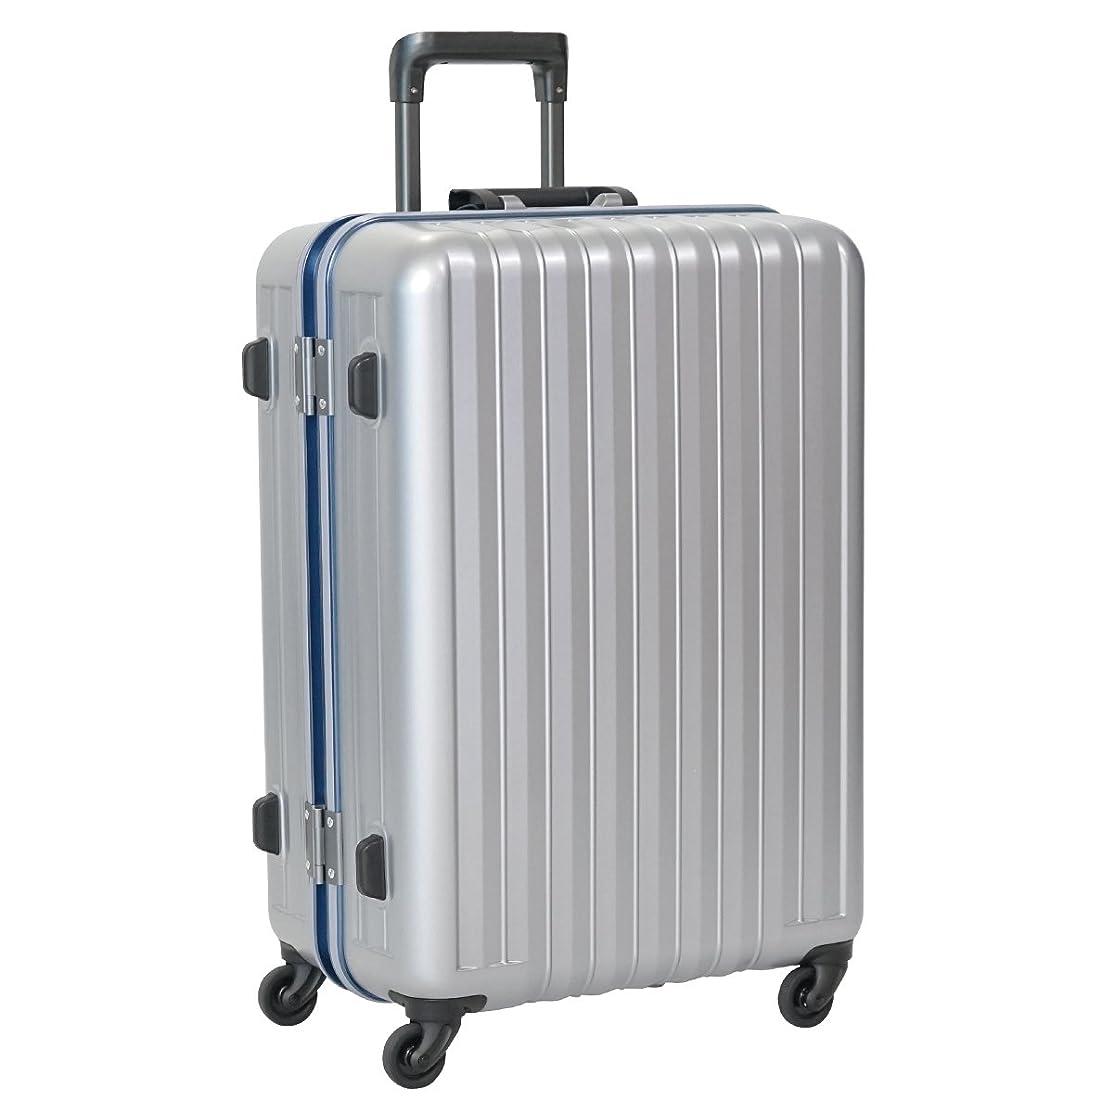 論理的に破滅的なさておき[バウンドリップ] スーツケース ハードキャリー フレーム | 105L | 5.0kg | スライド式ストッパー | 消音キャスター | TSAロック | ポーチ付き | 保証付 74 cm 5kg